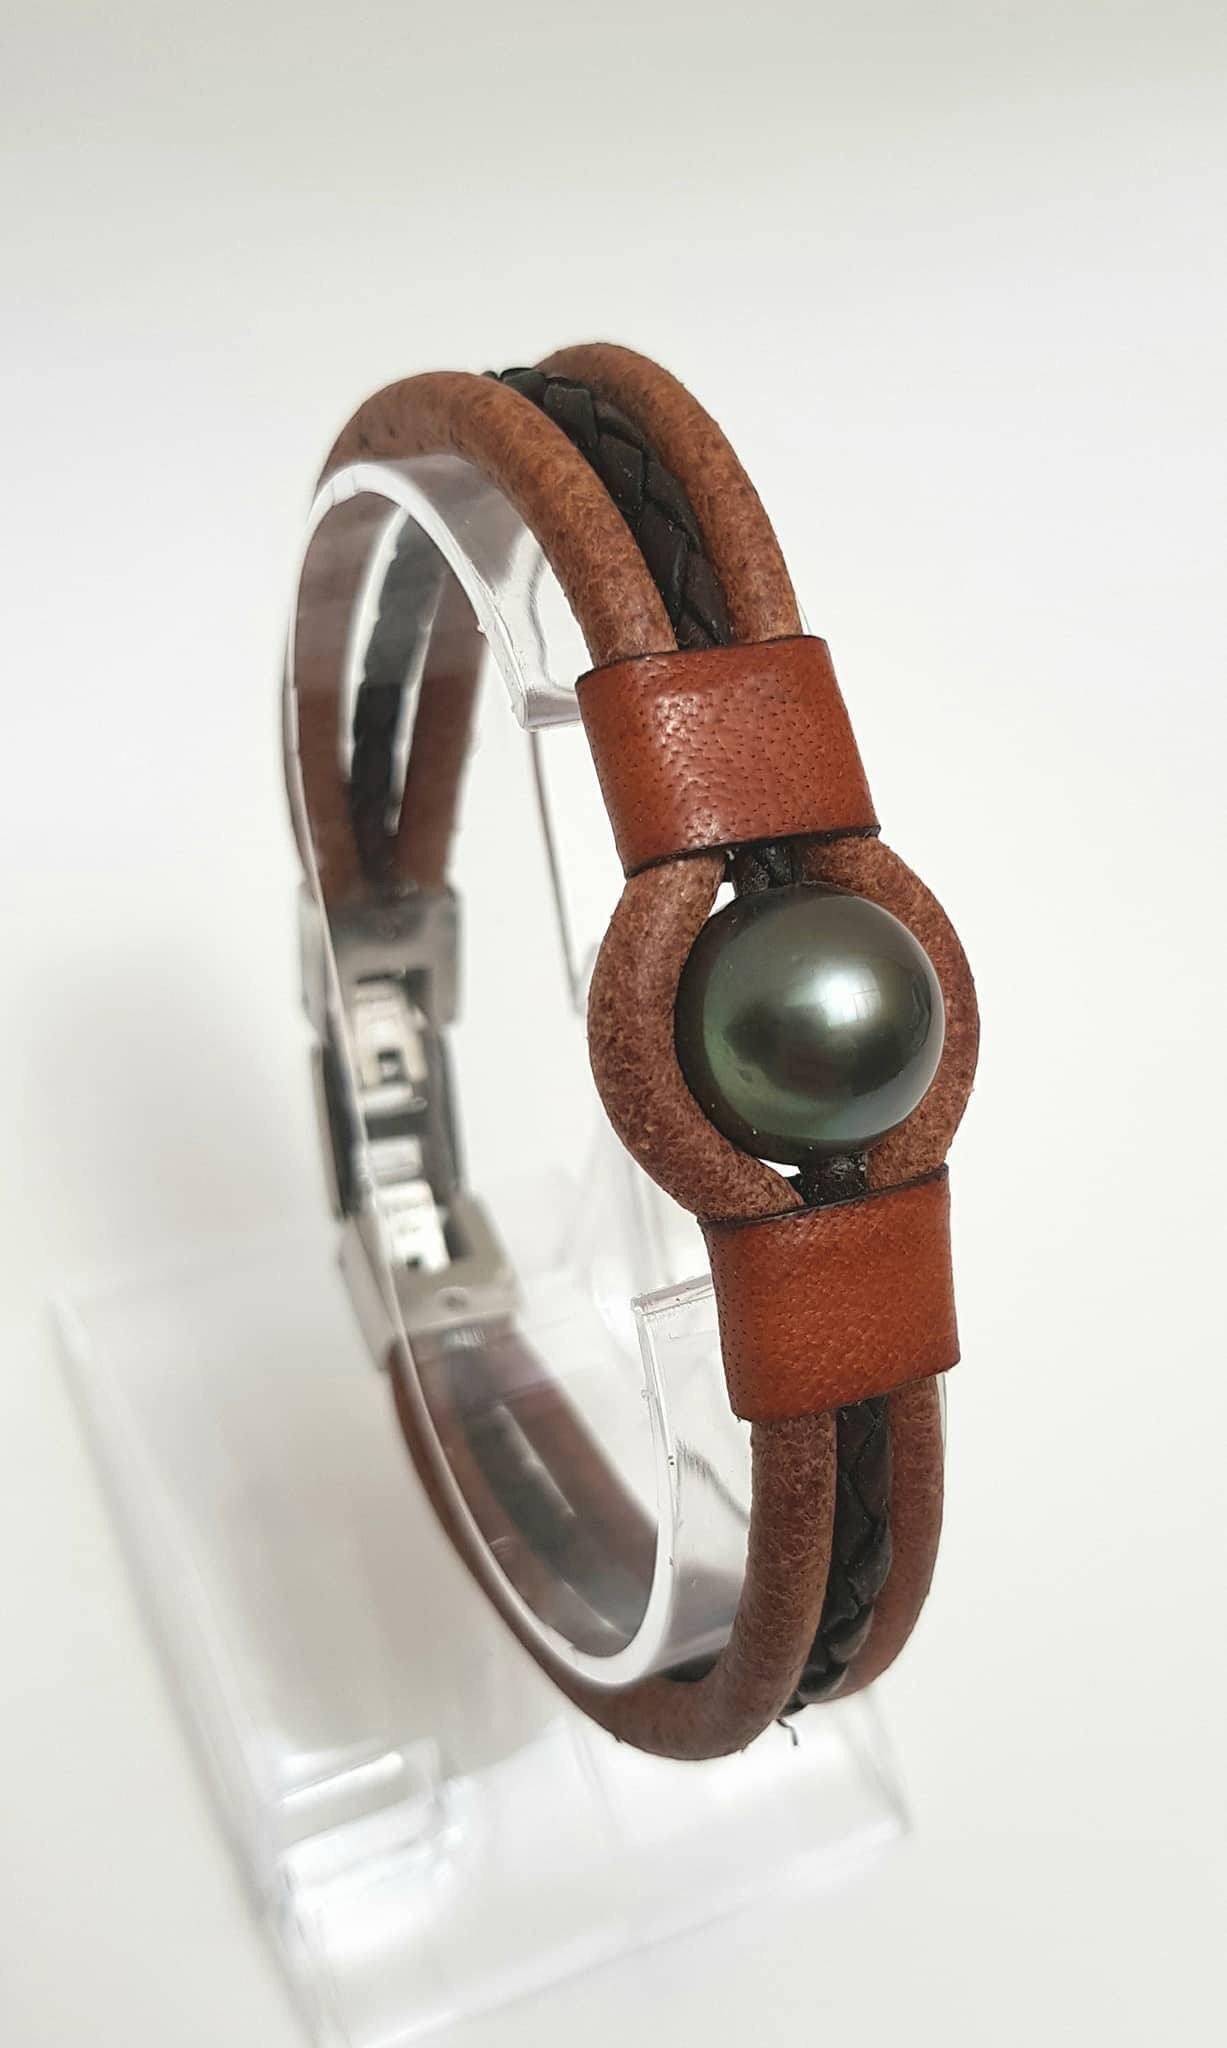 Le fenua de bronze a été décerné à Moana Murat de Fluid in Tahiti pour son bracelet pour homme en cuir avec une perle de nacre.